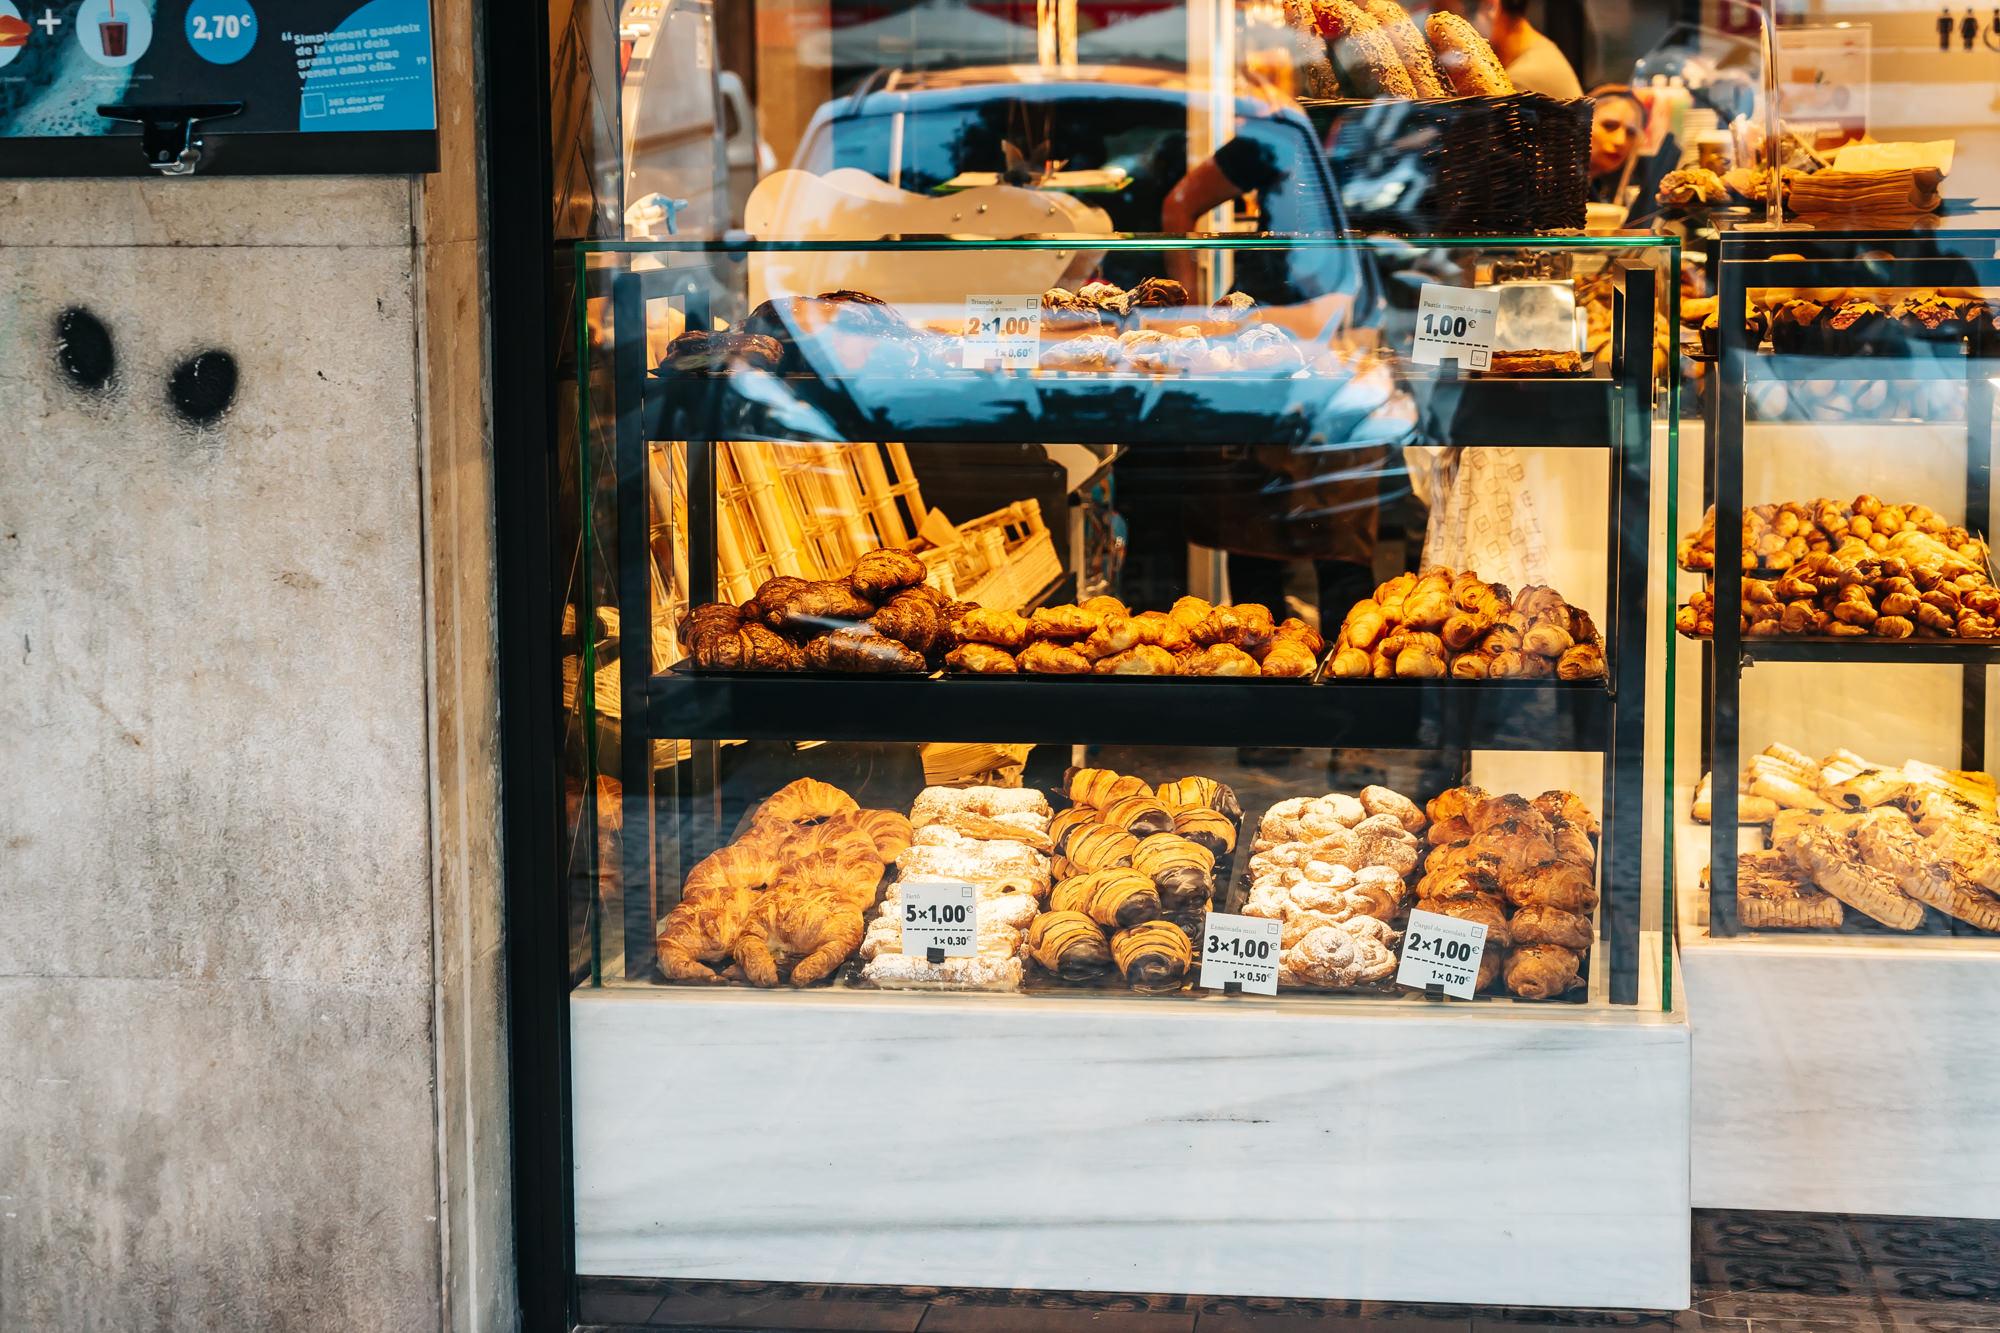 365 Obrador bakeries in Barcelona, Spain